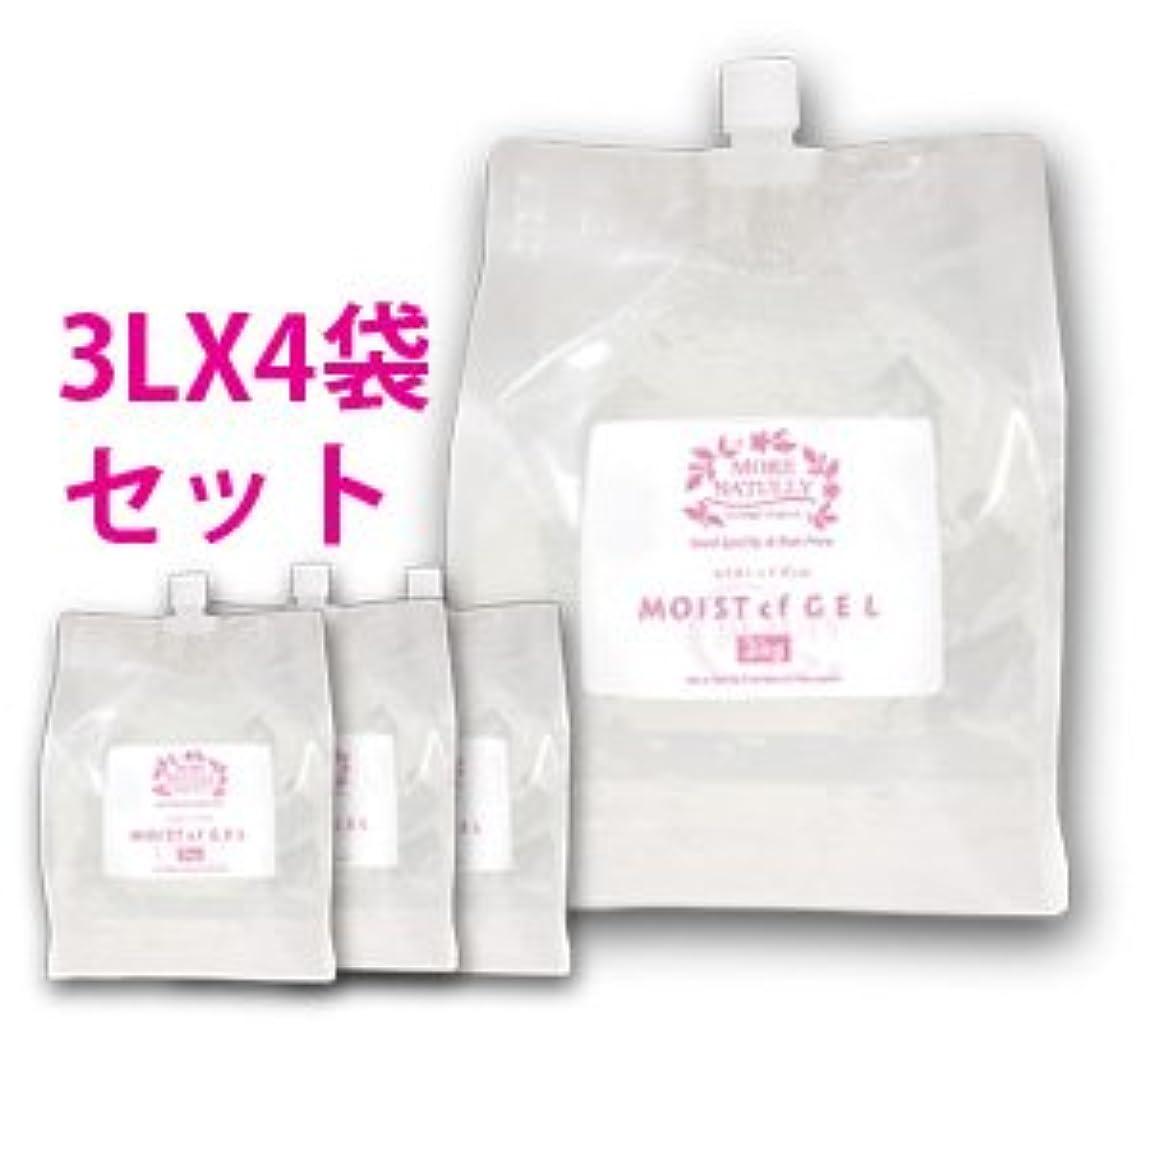 想像する期限人工的なモアナチュリー モイストcfジェル 4袋セット 3kg×4袋